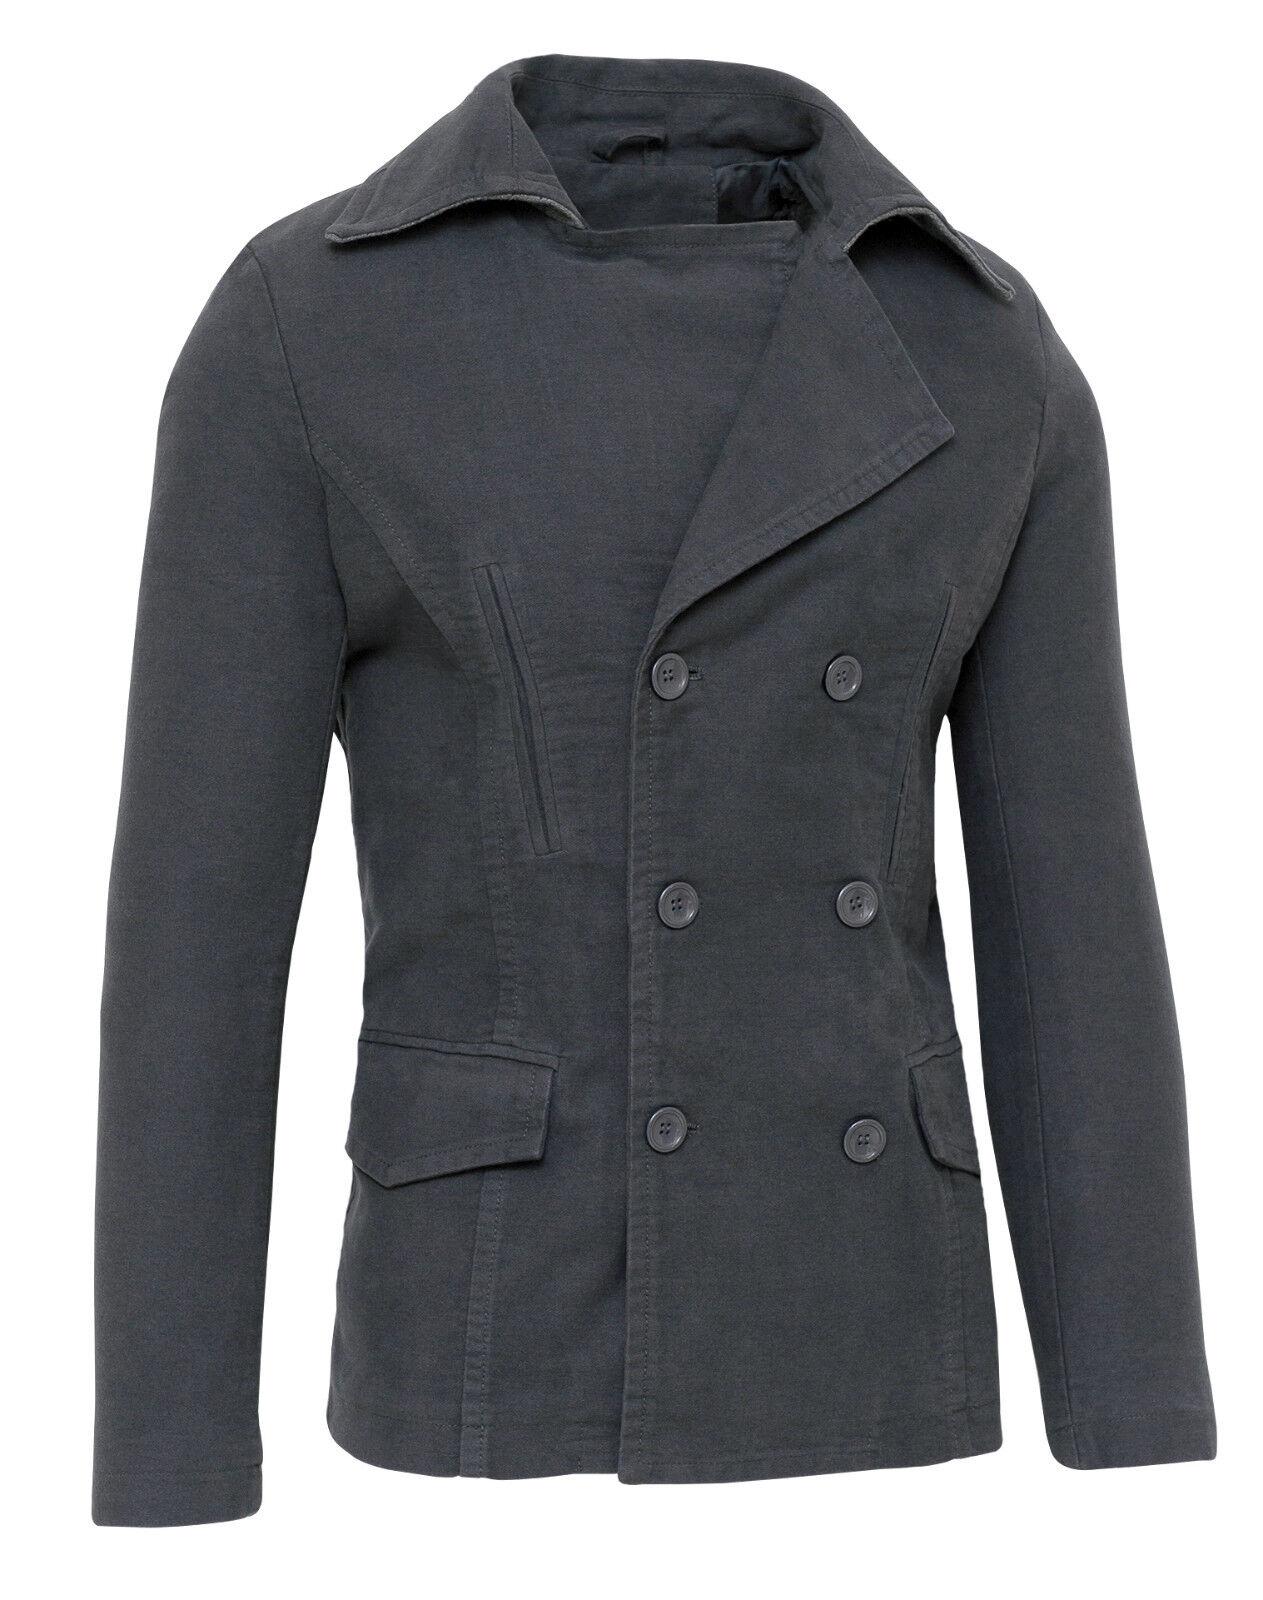 Cappotti da uomo di colore grigio SalvaDanari